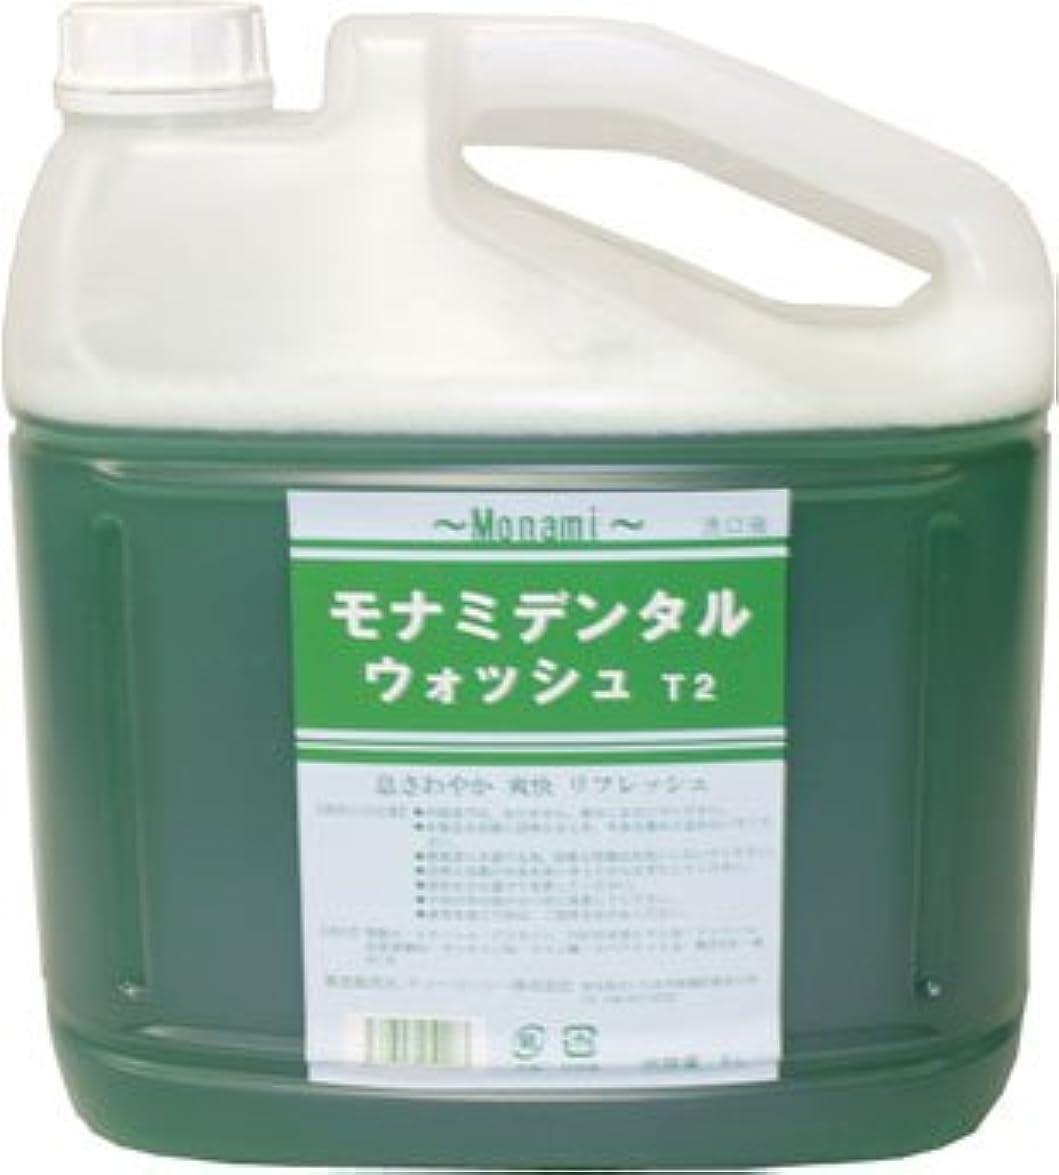 幸運なボットピジン【業務用】モナミ デンタルウォッシュT2 5リットル【洗口液】